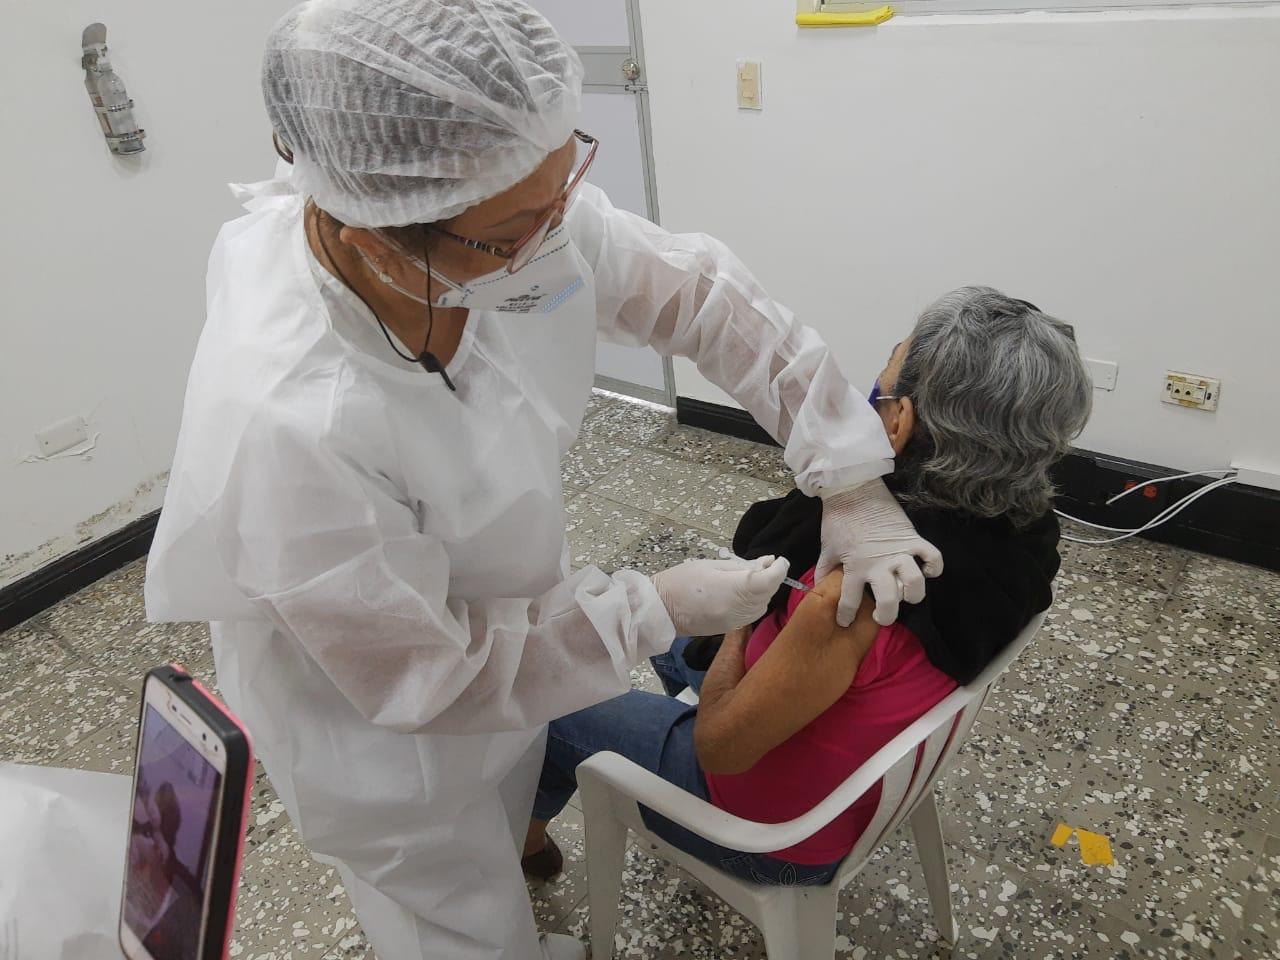 La Secretaria de Salud, Lina María Rivas Dussán, expresó su satisfacción por lo que se ha realizado hasta la fecha en materia de vacunación contra el covid-19 en Neiva.